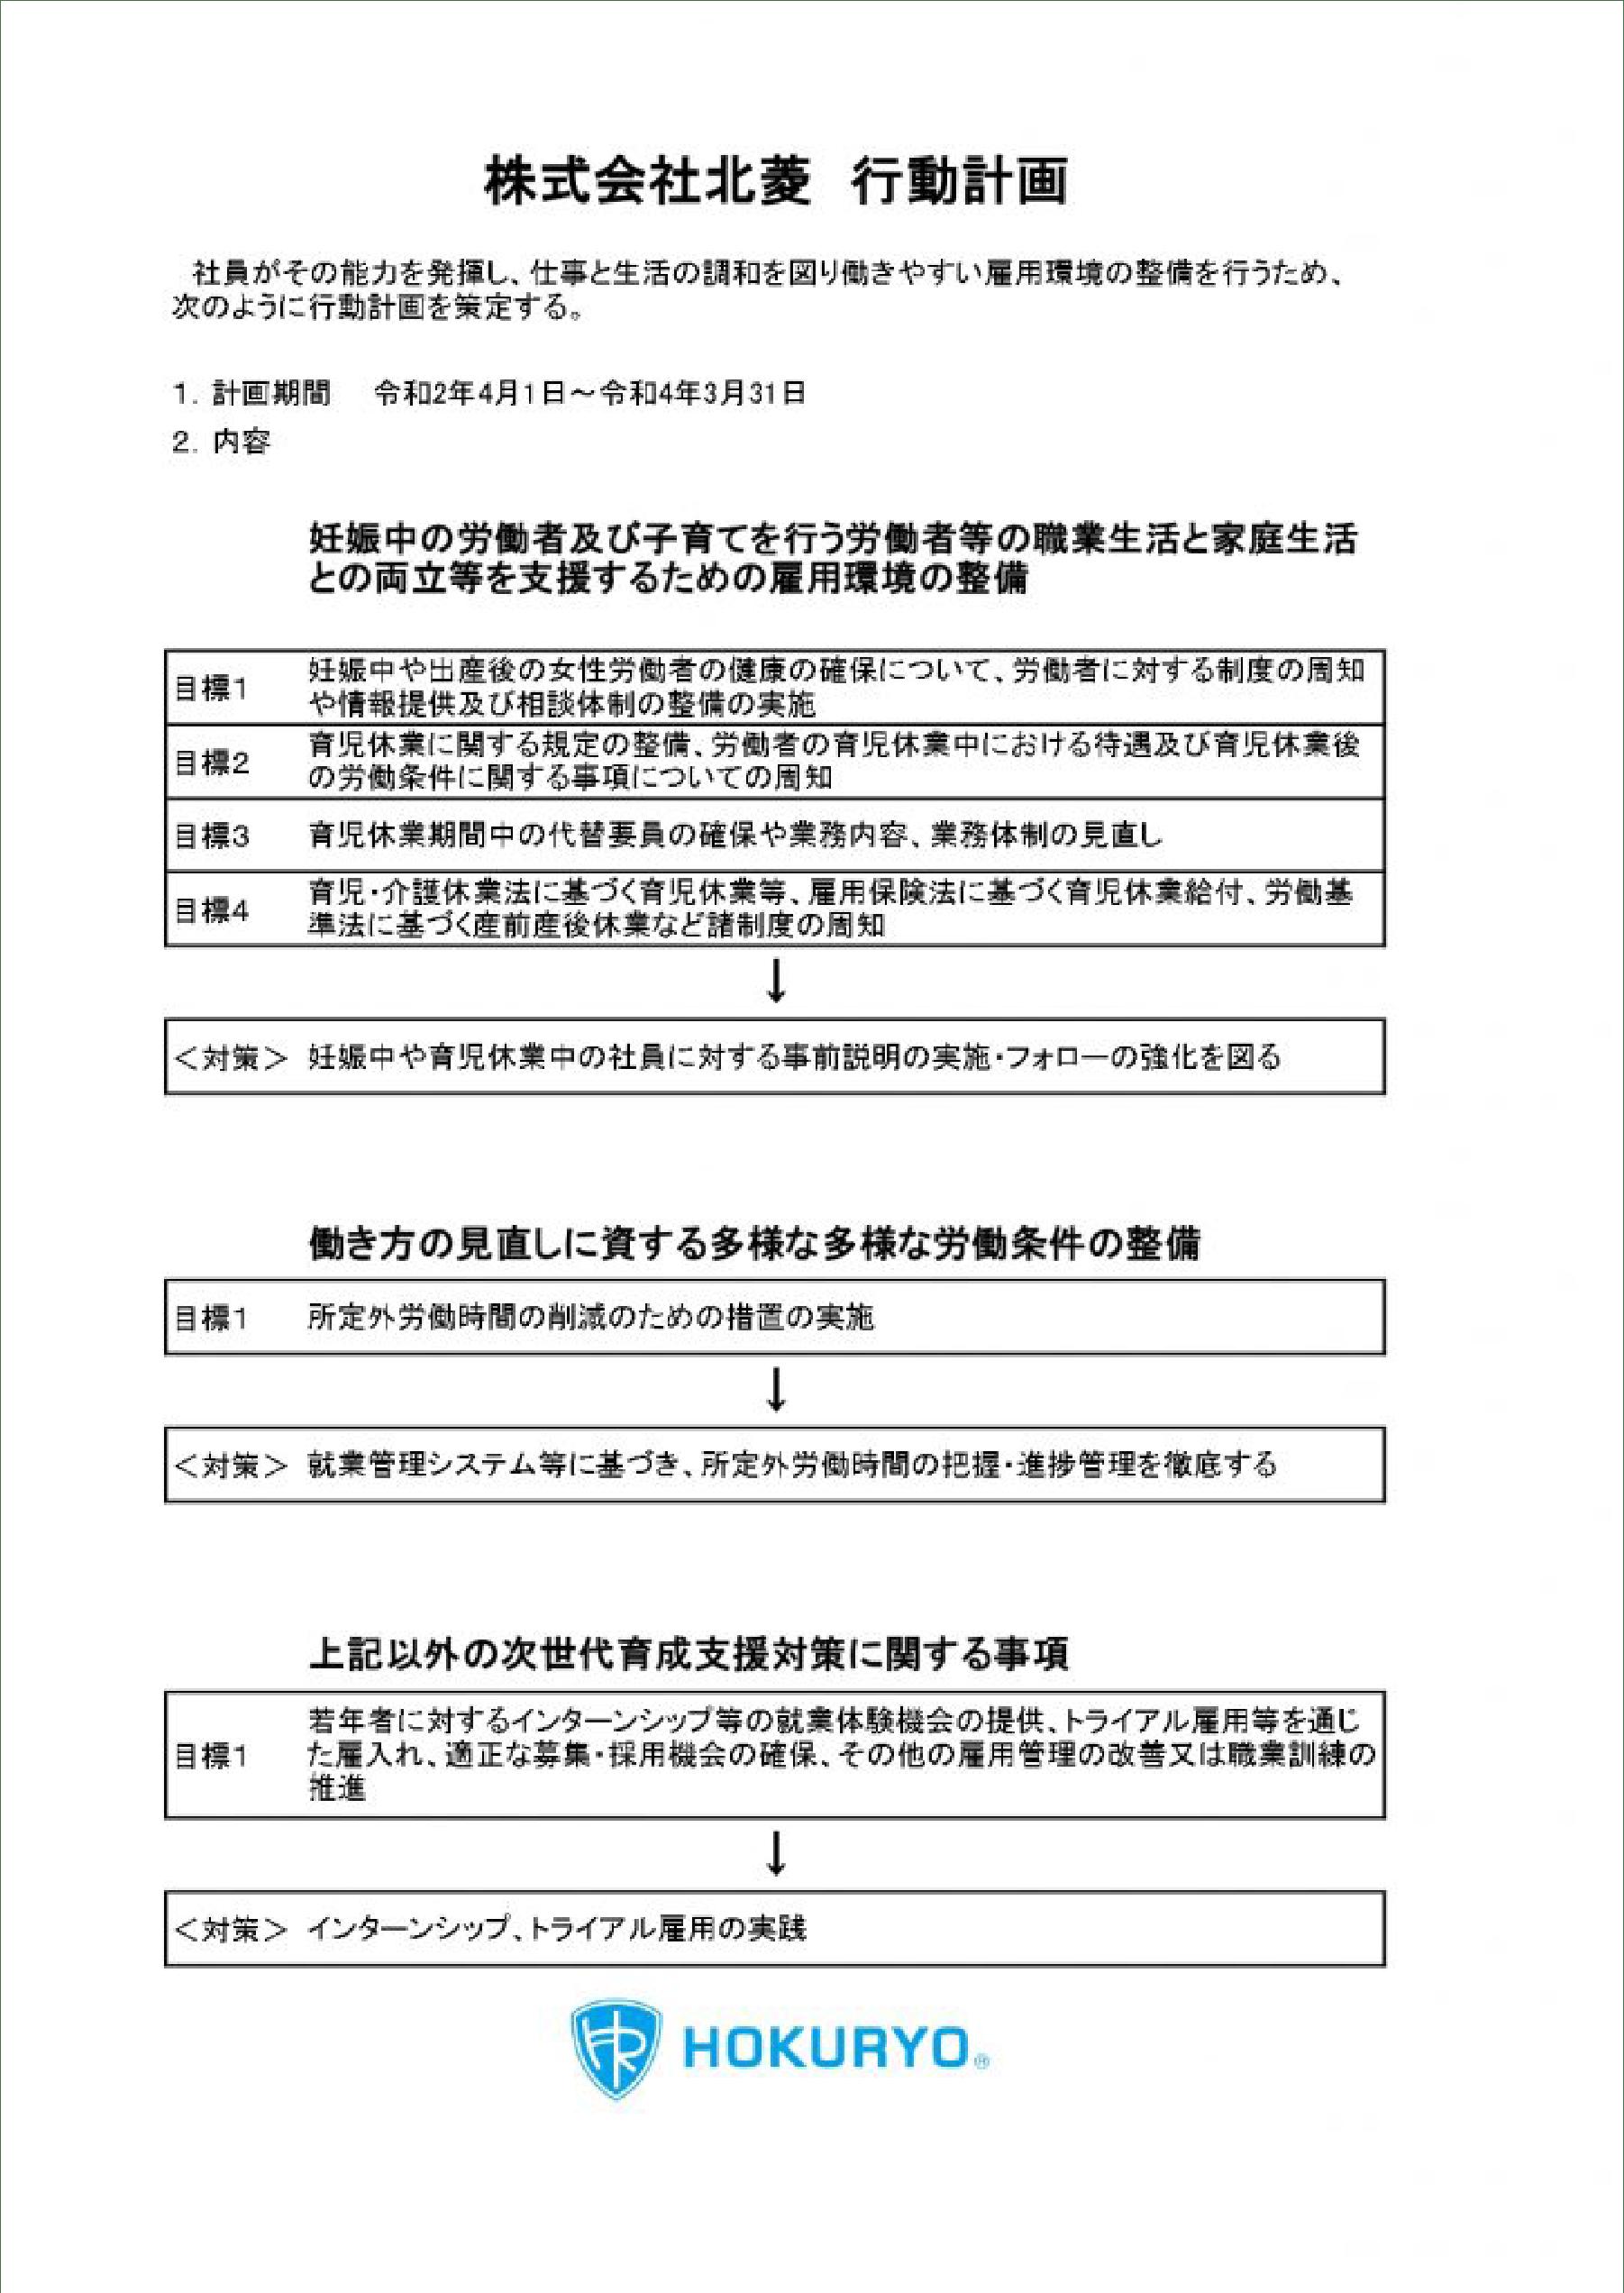 株式会社北菱 行動計画